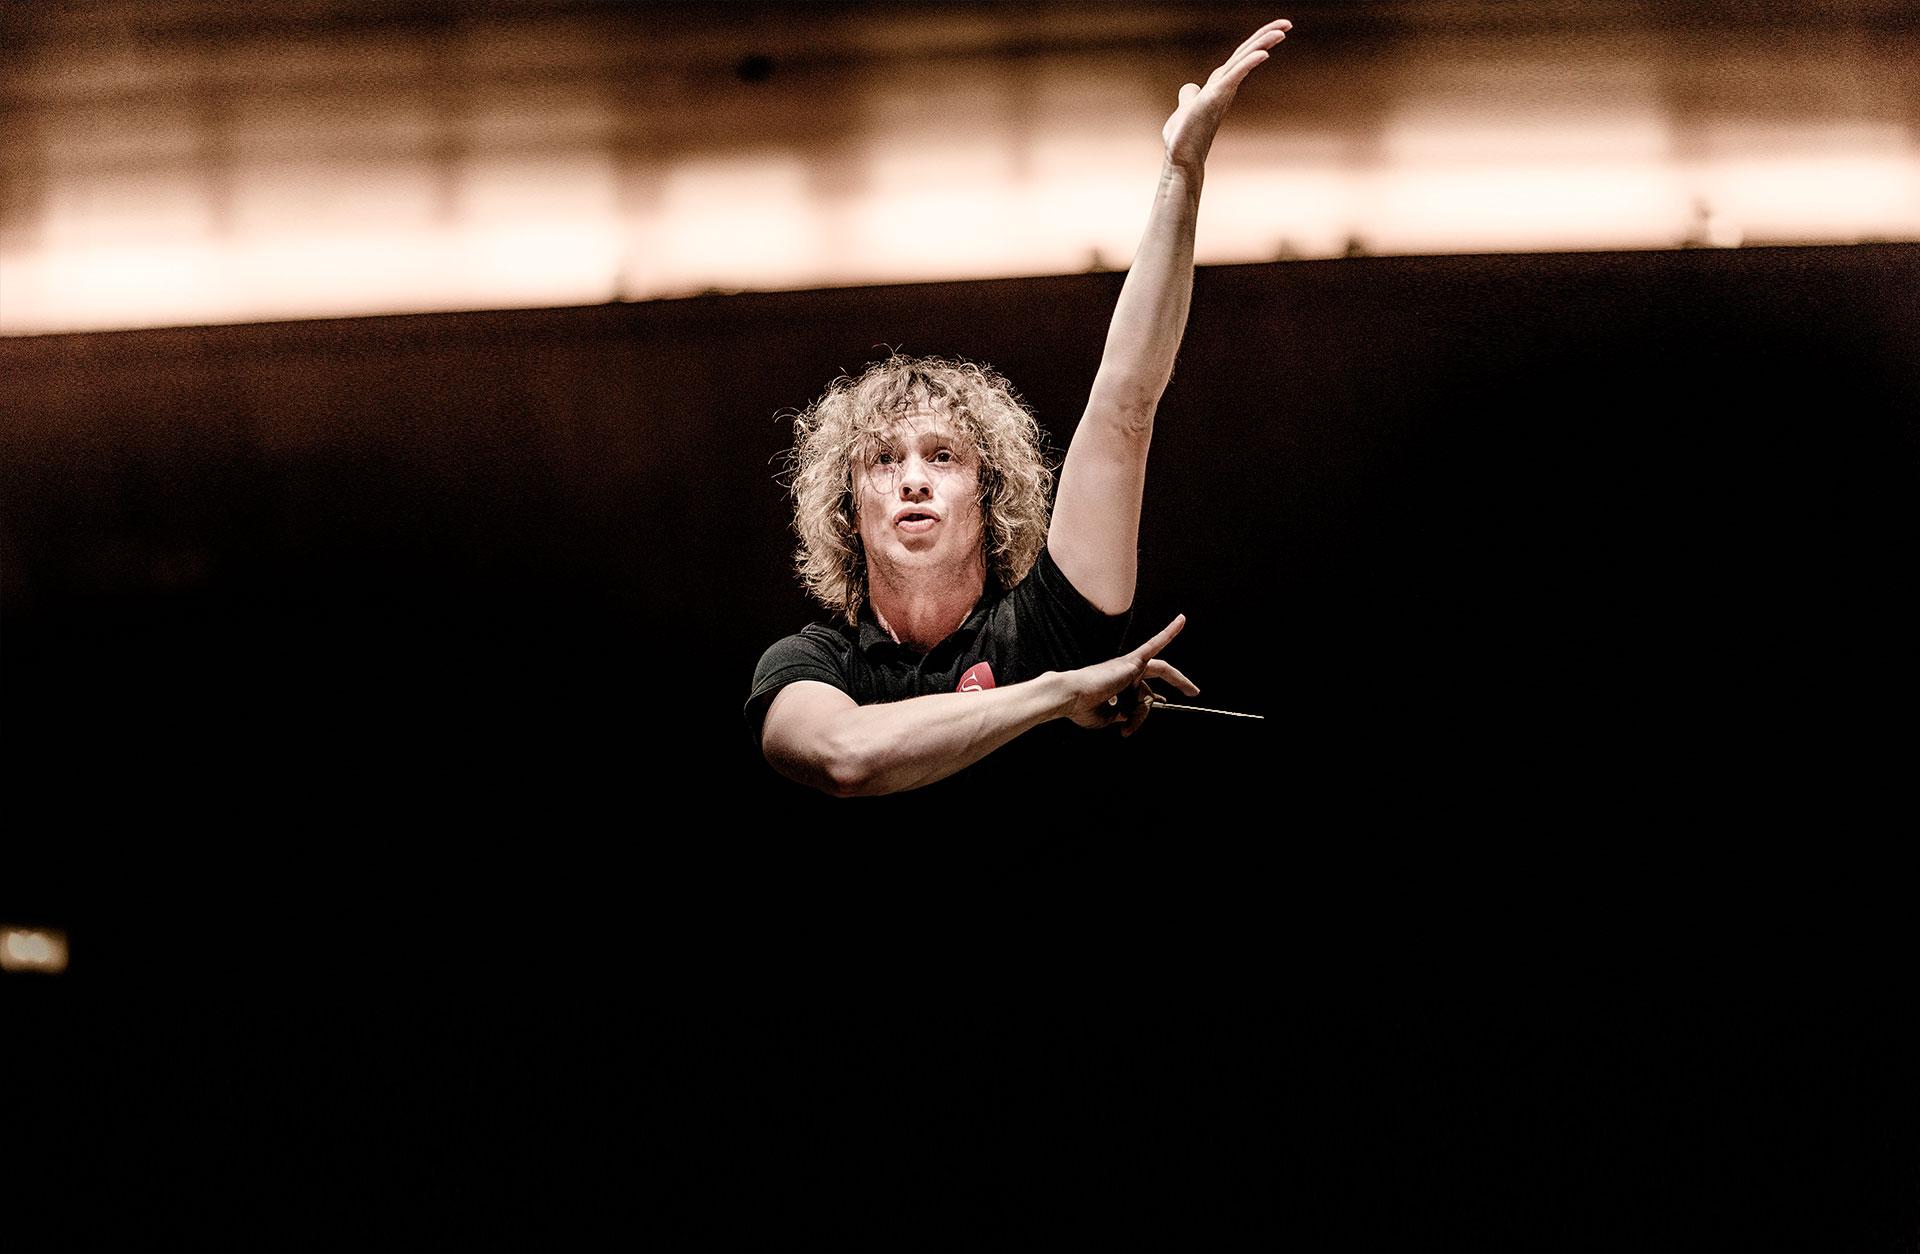 Dirigent Santtu-Matias Rouvali på podiet med taktpinnen i handen, ena armen kraftfullt riktad mot taket.